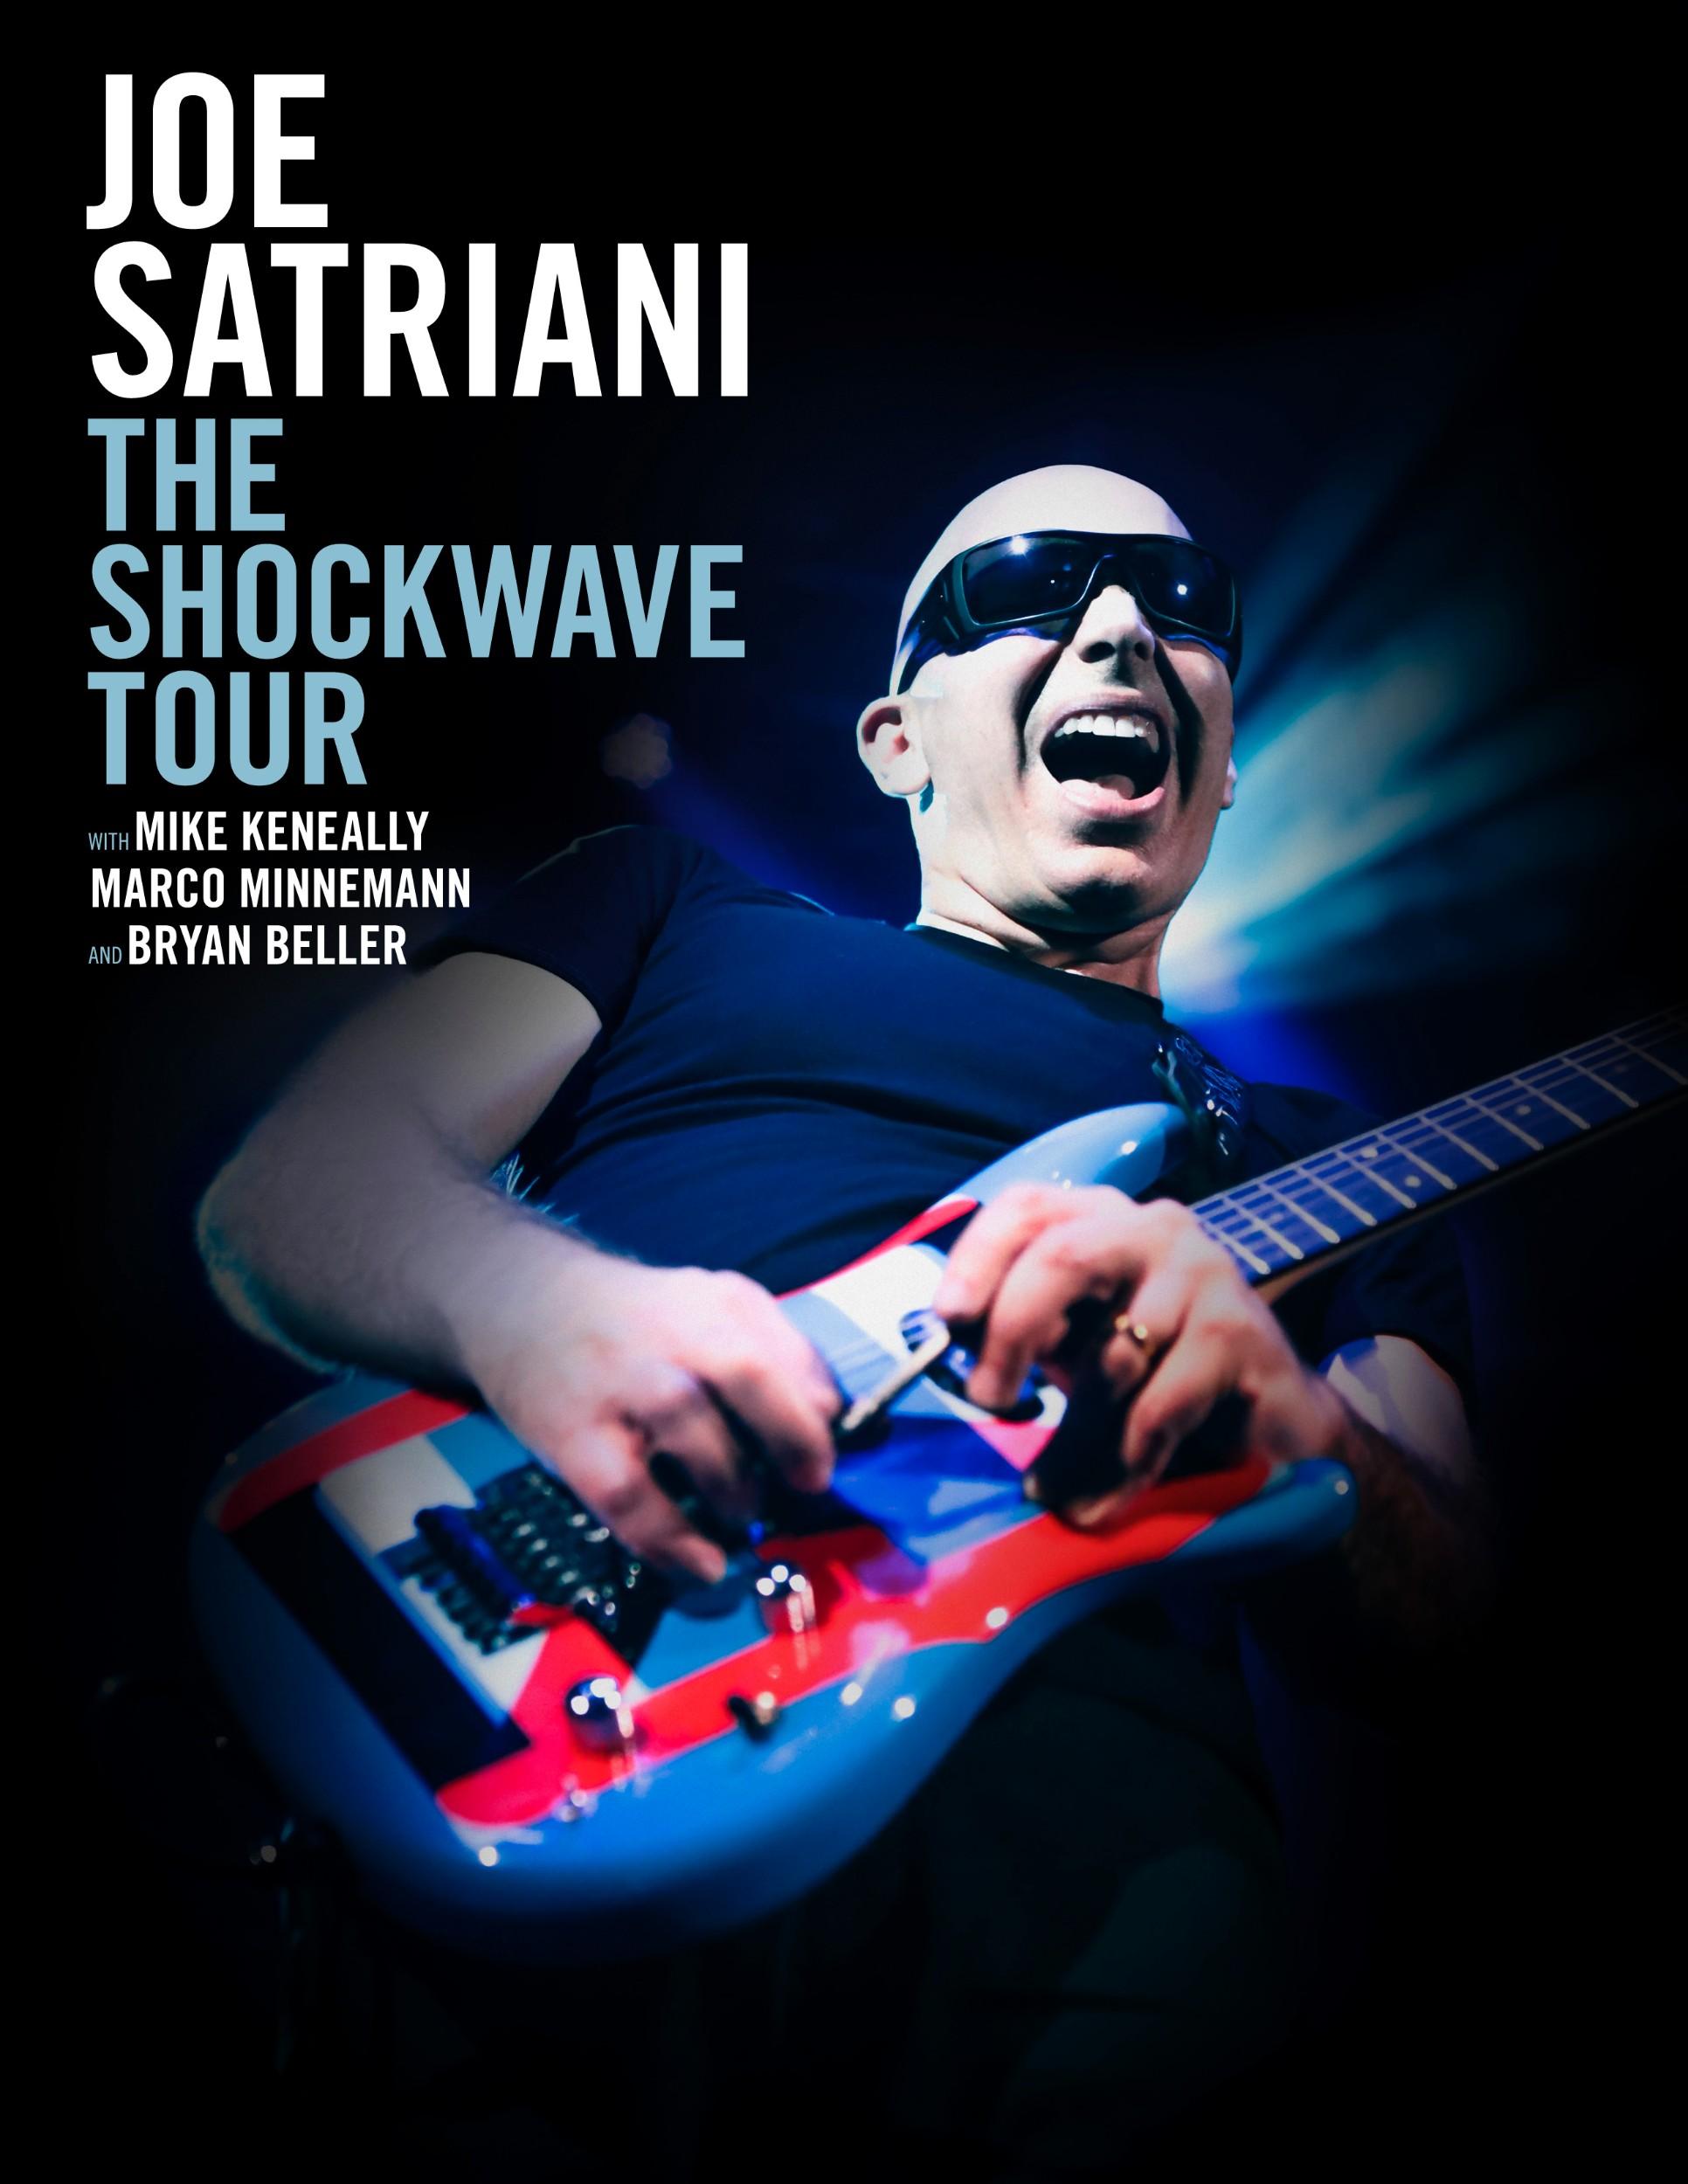 Joe Satriani (vendredi 15 juillet 2016)